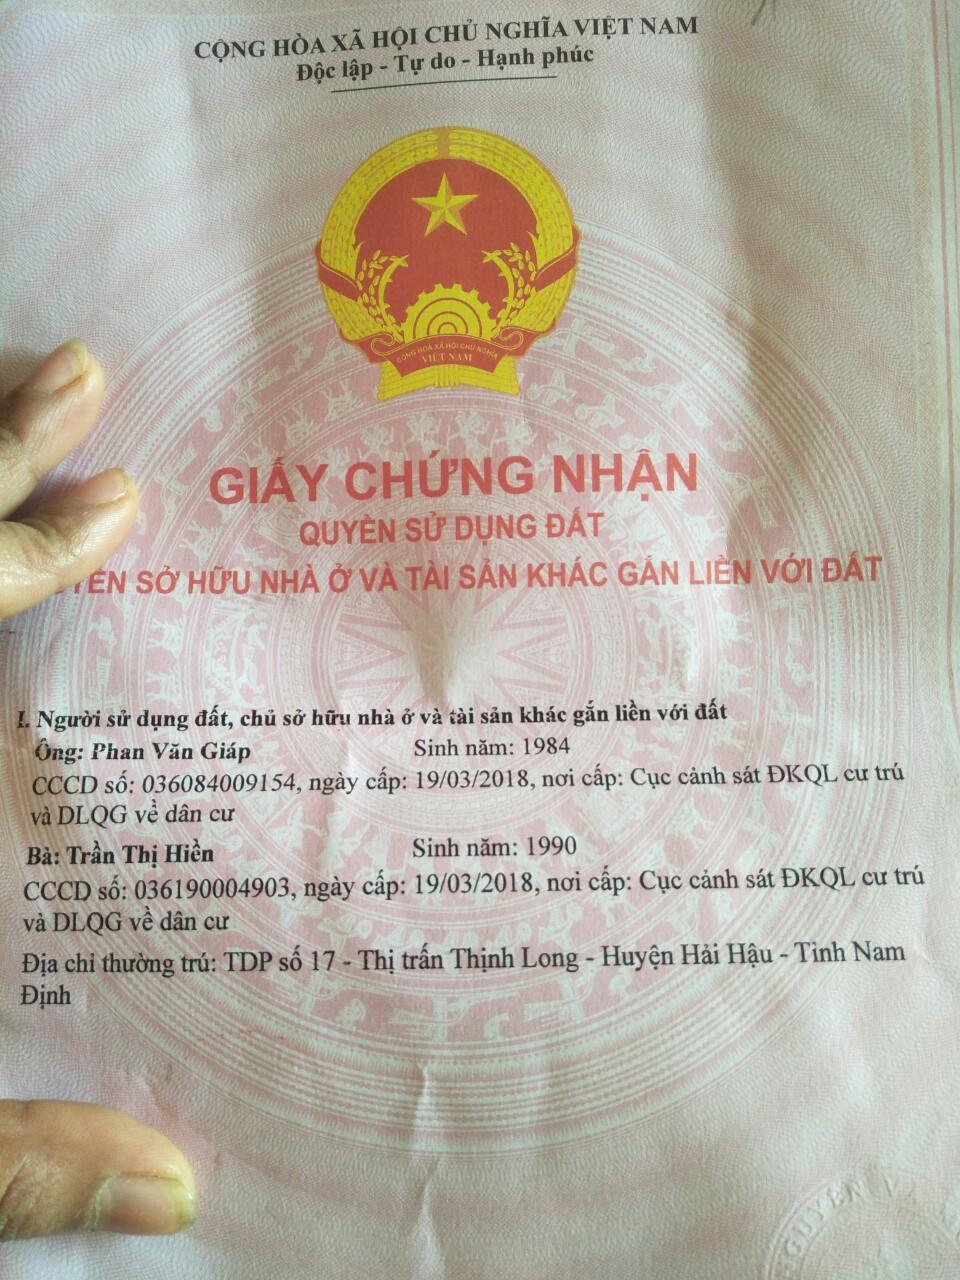 Cần bán Đất đường Phố Mới, Thị trấn Thịnh Long, Diện tích 95m², Giá 750.000.000 Triệu - LH: 0985094661